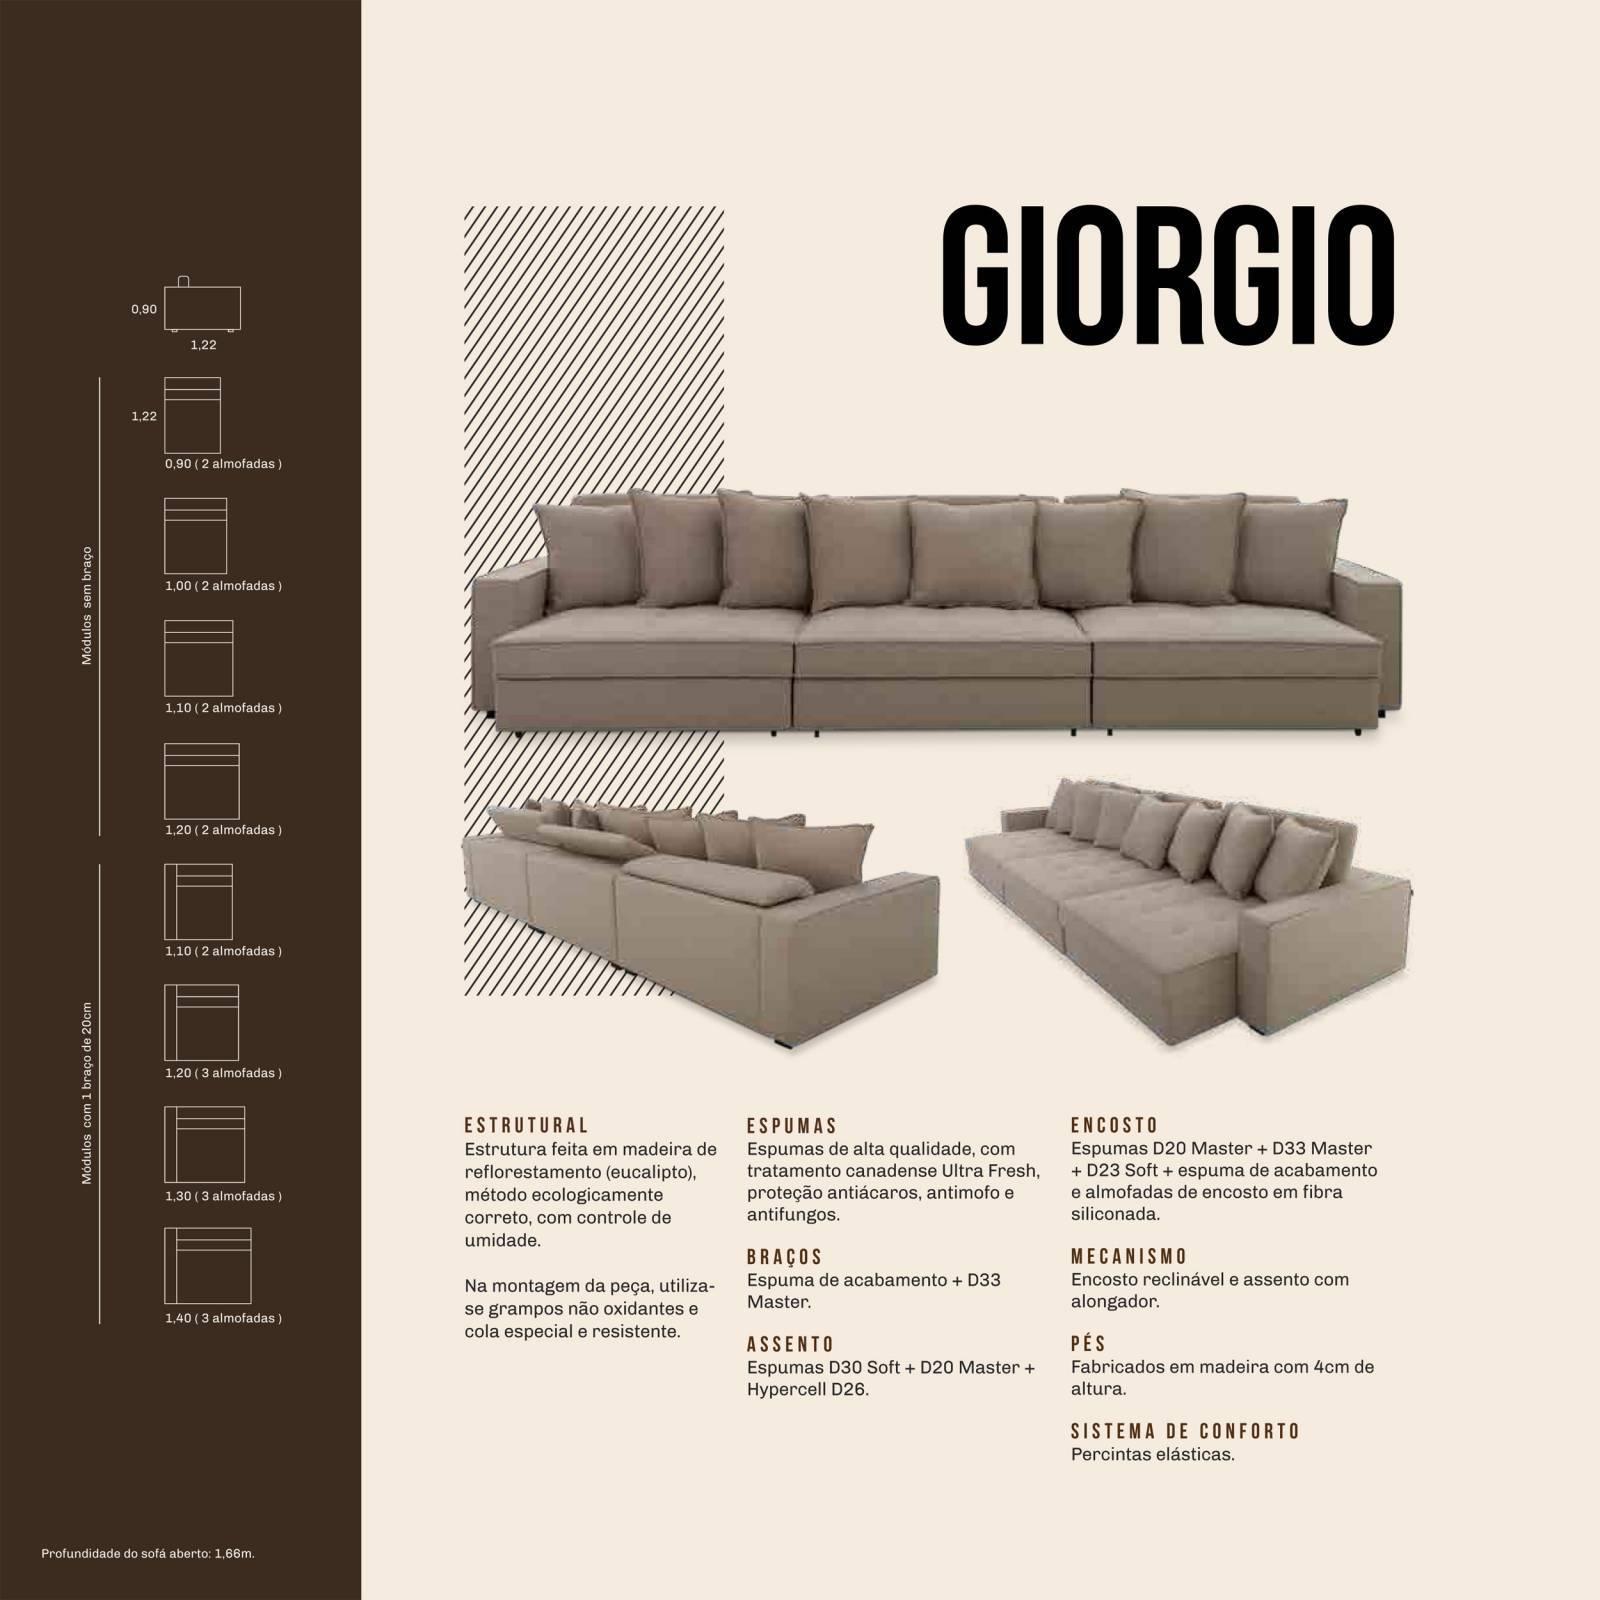 Estofado Giorgio Mannes - All Home